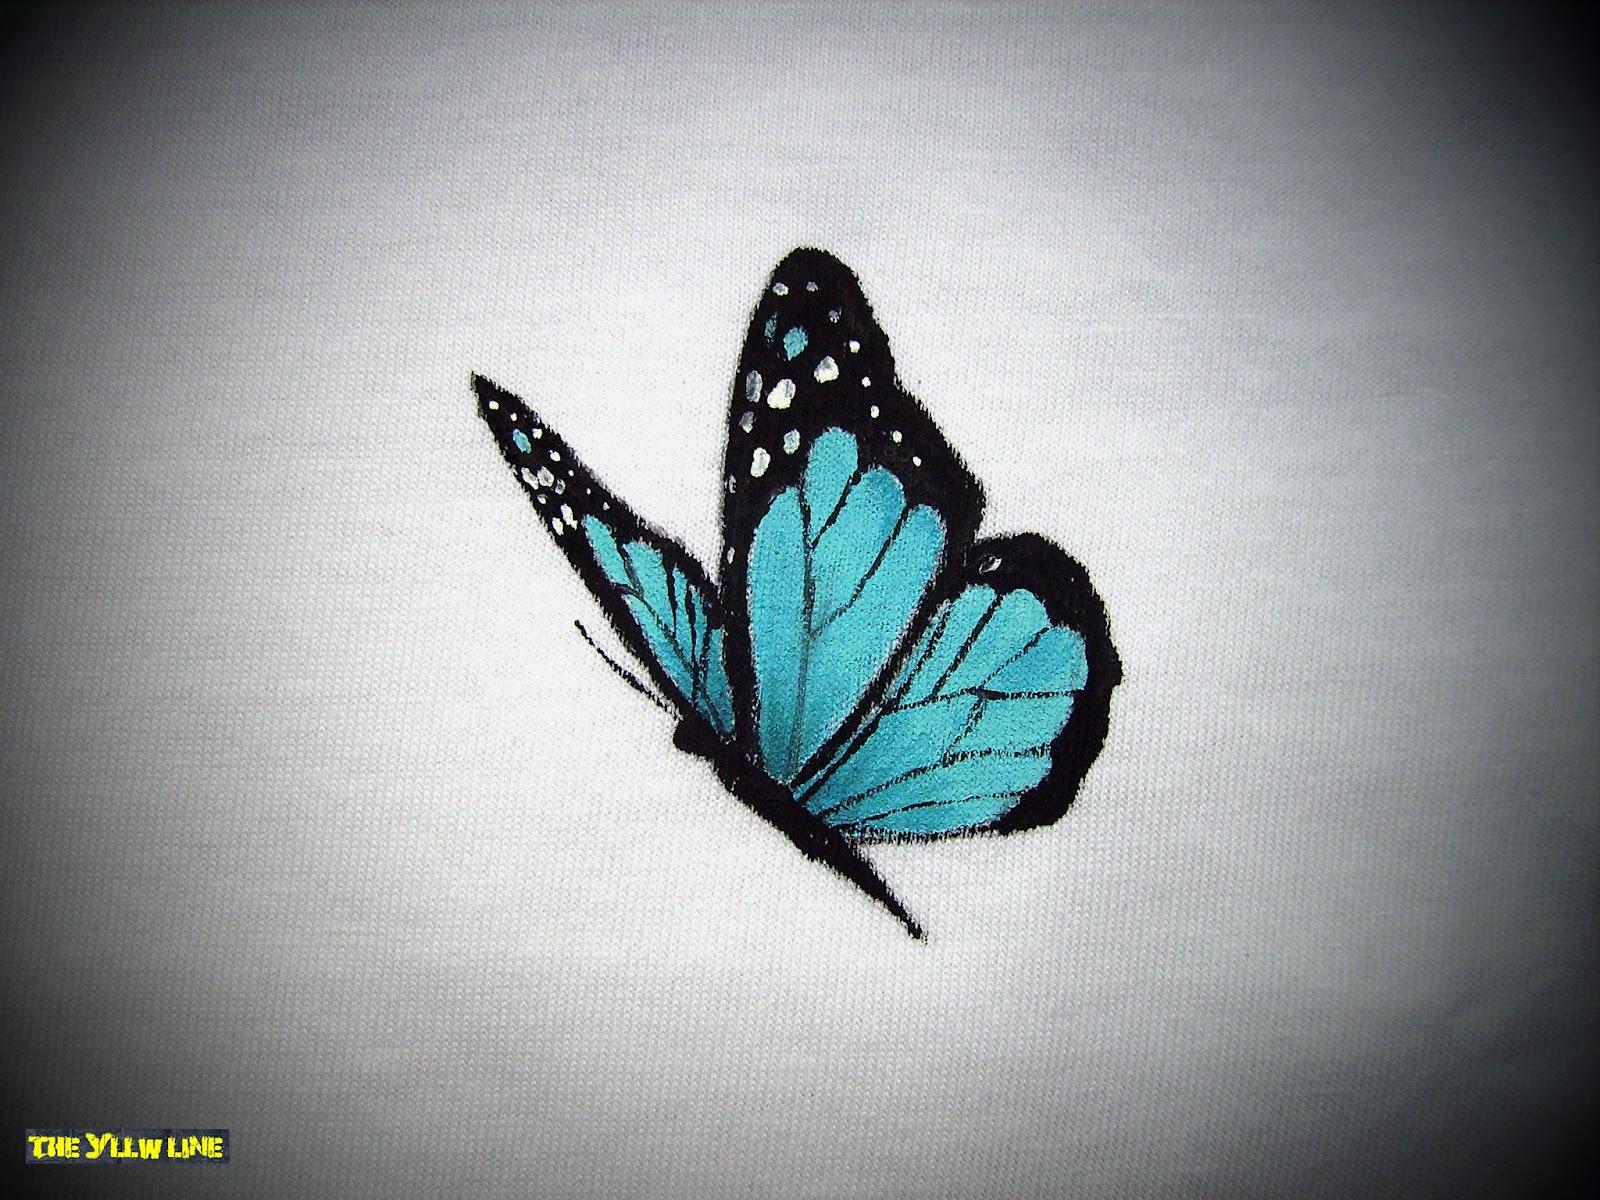 THE YLLW LINE Camiseta Amapolas y mariposa pintada a mano